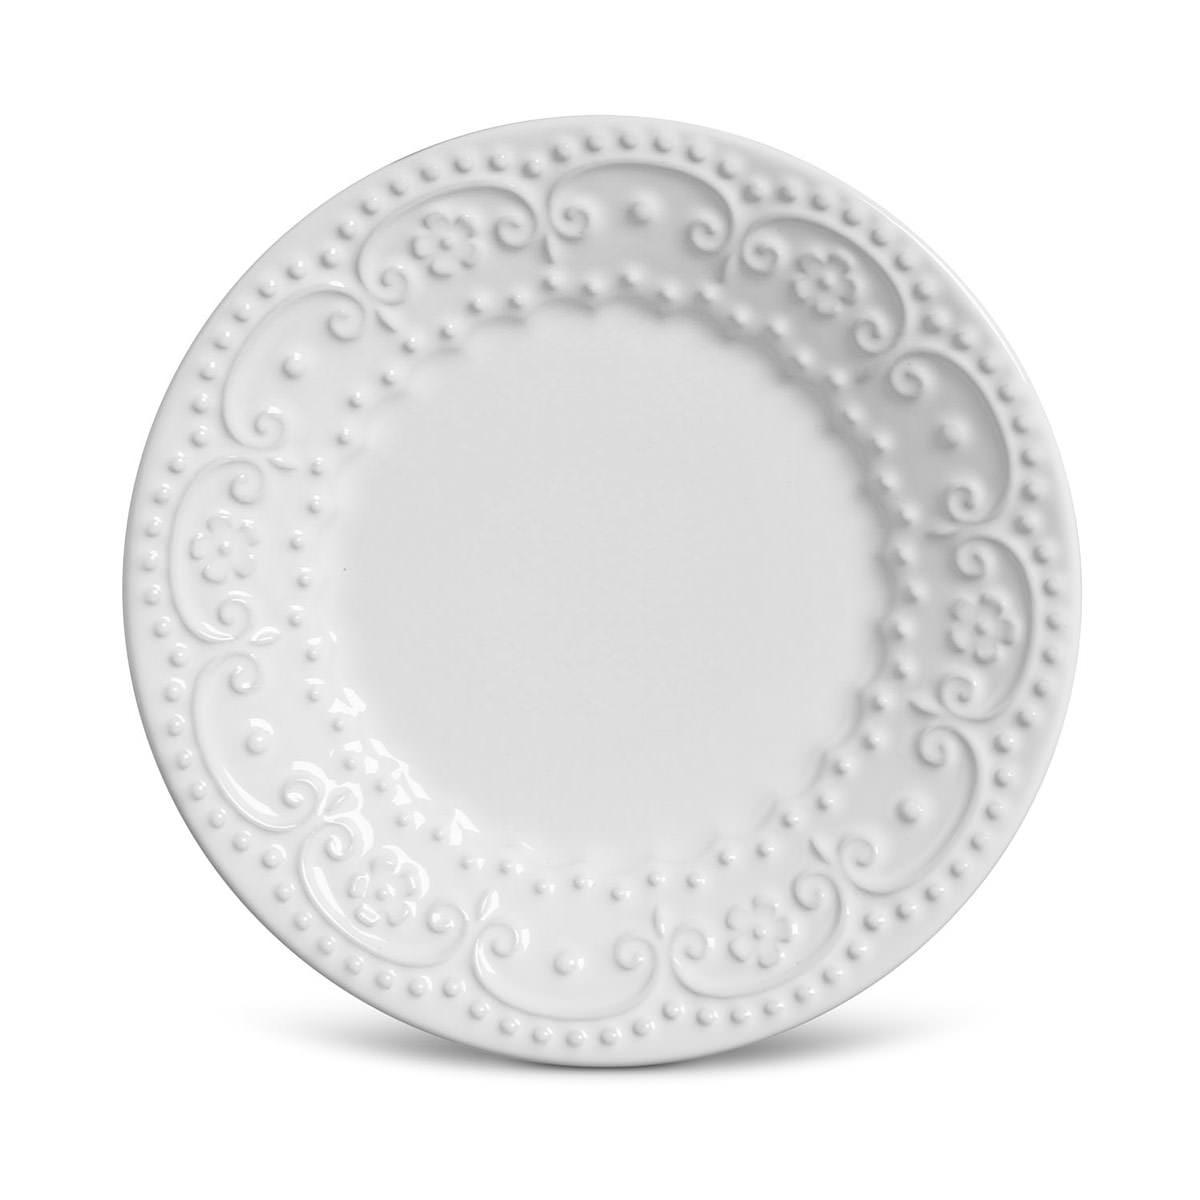 Prato de Sobremesa 01 Peça Esparta Branco 20,5 cm Porto Brasil